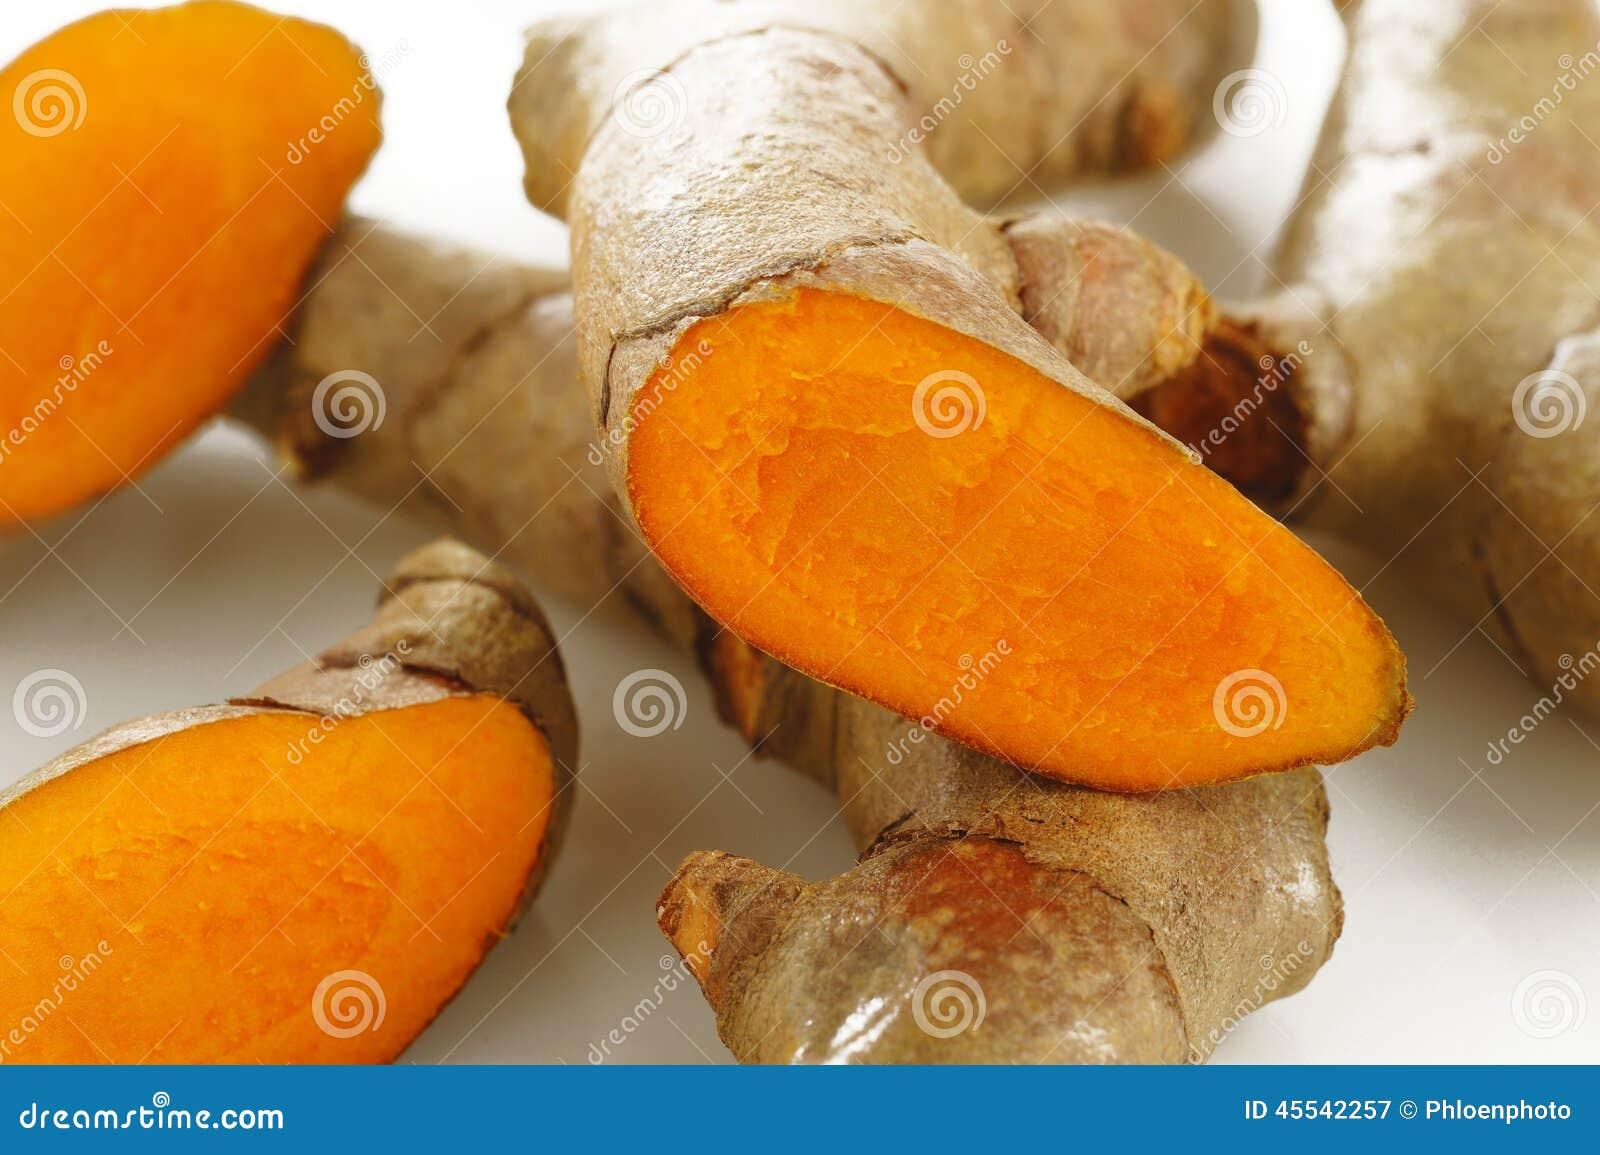 how to take turmeric root